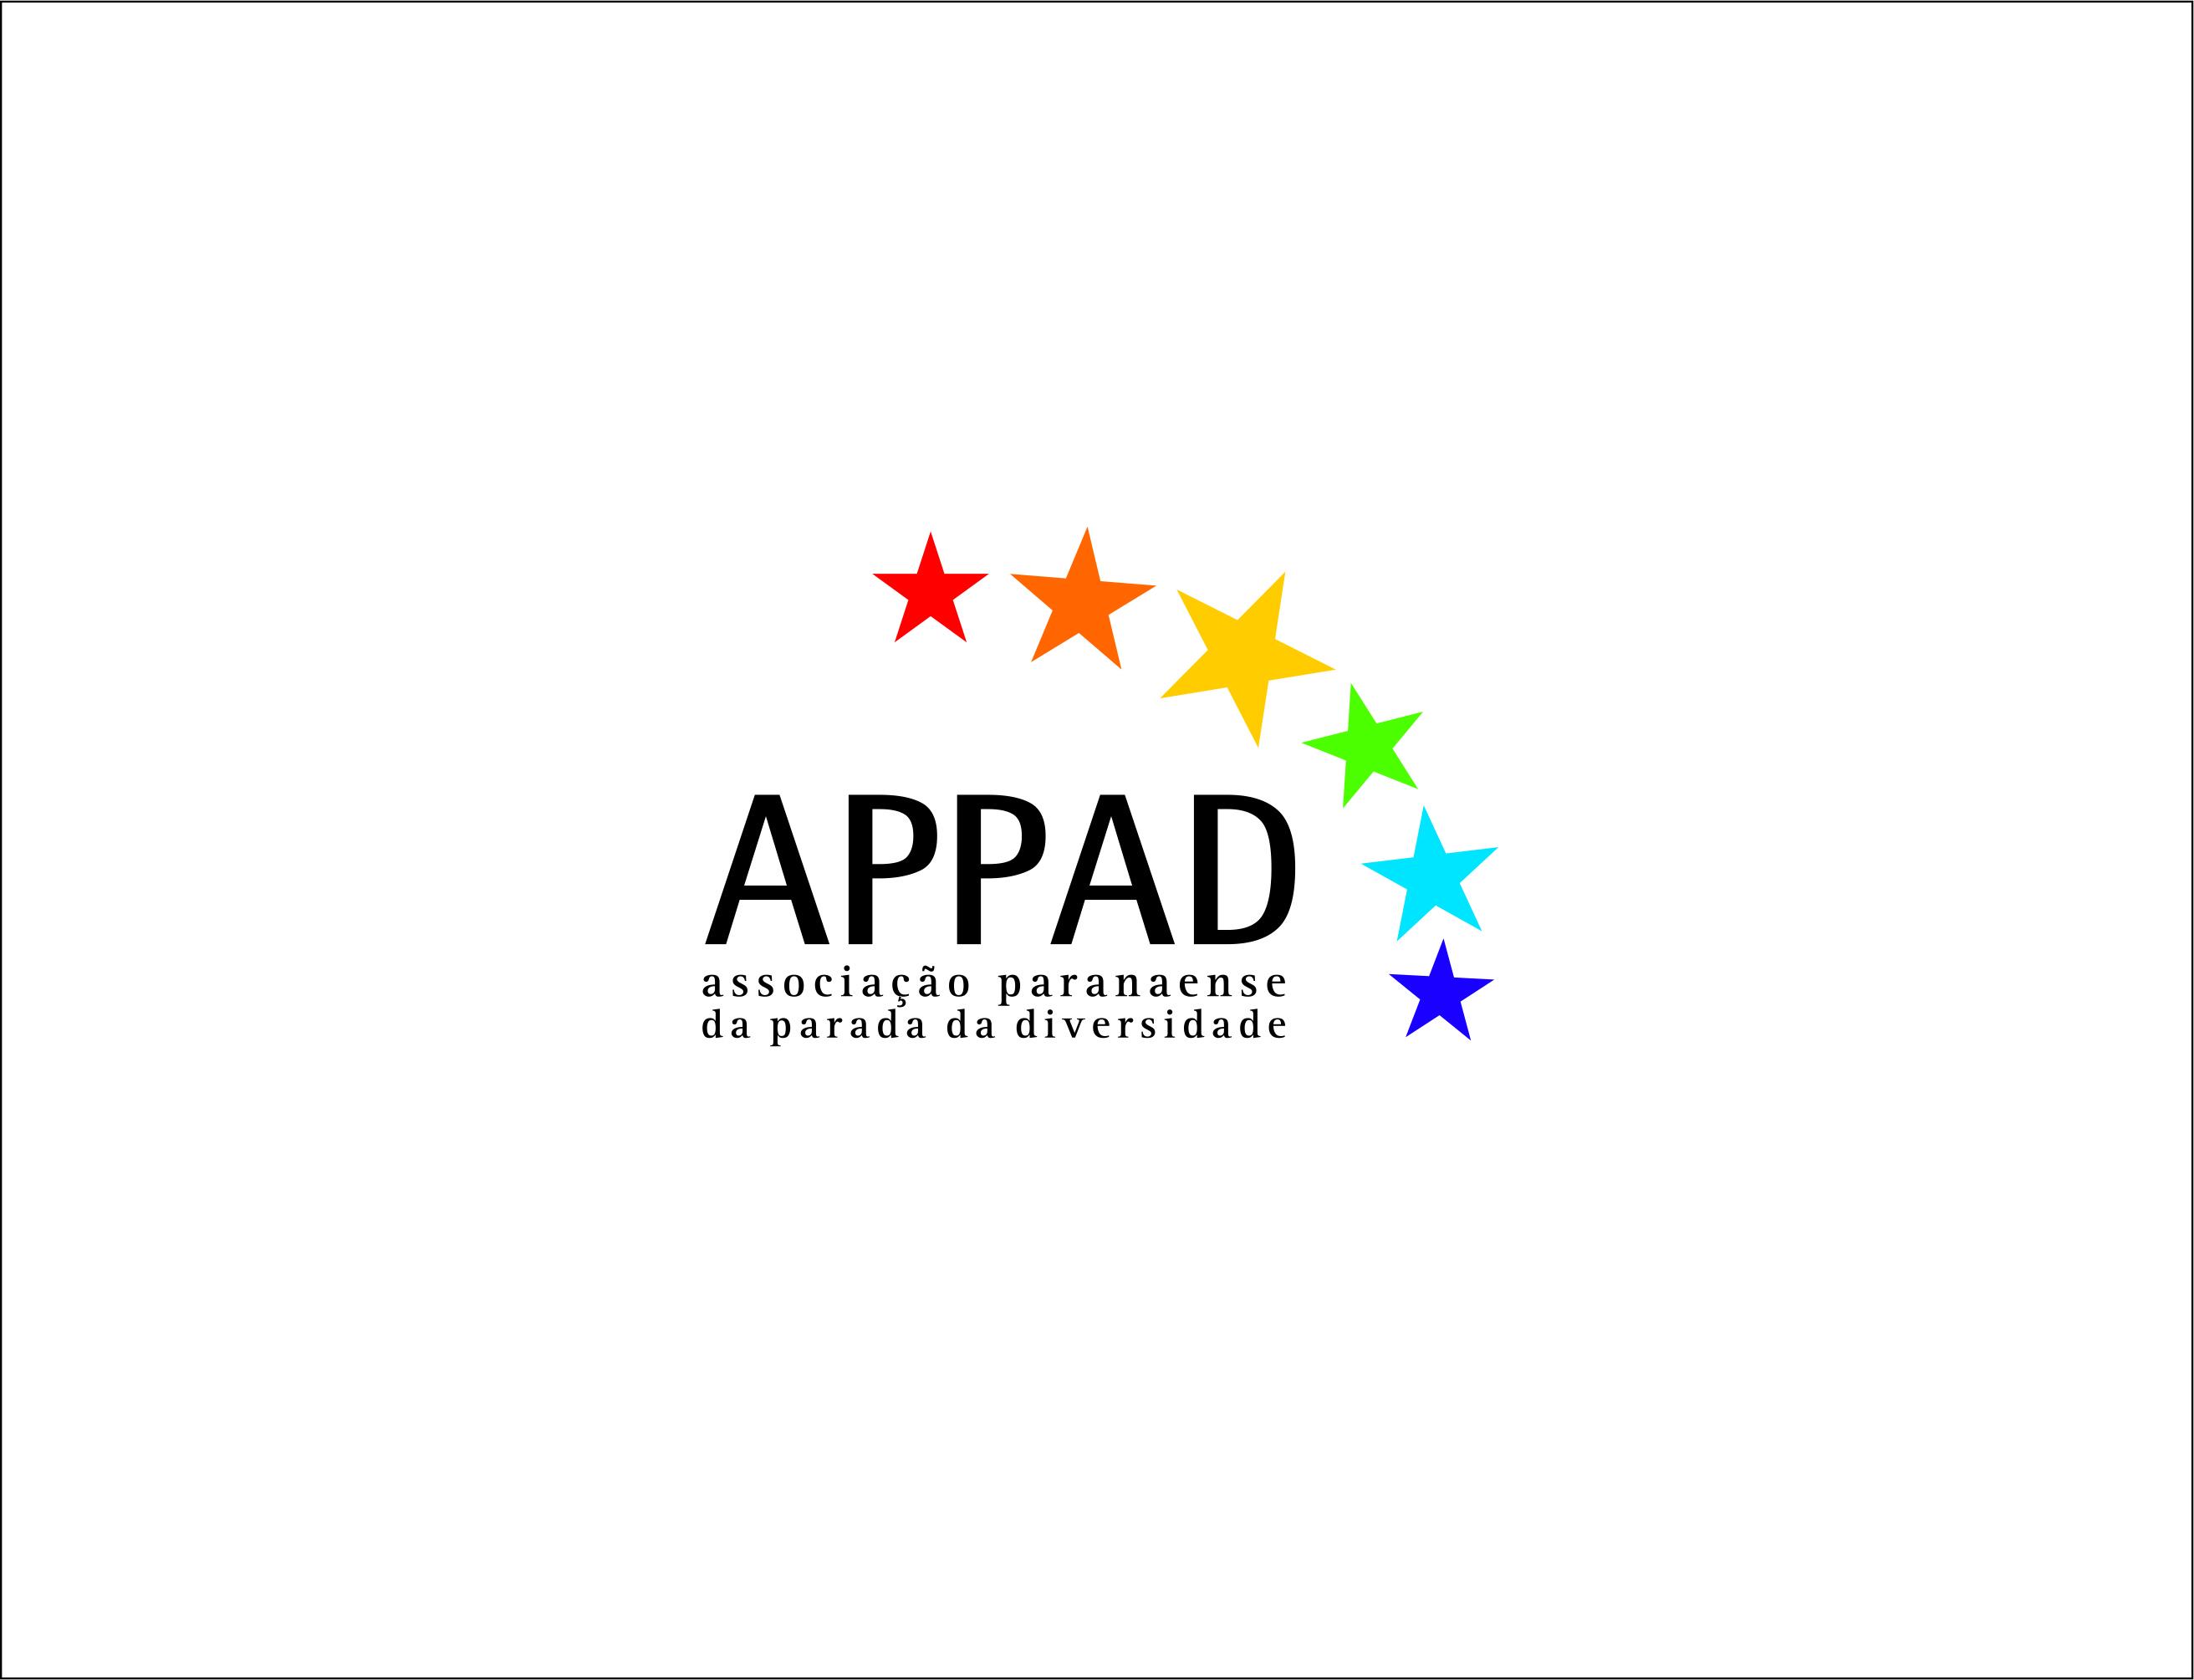 Associação Paranaense da Parada da Diversidade - APPAD